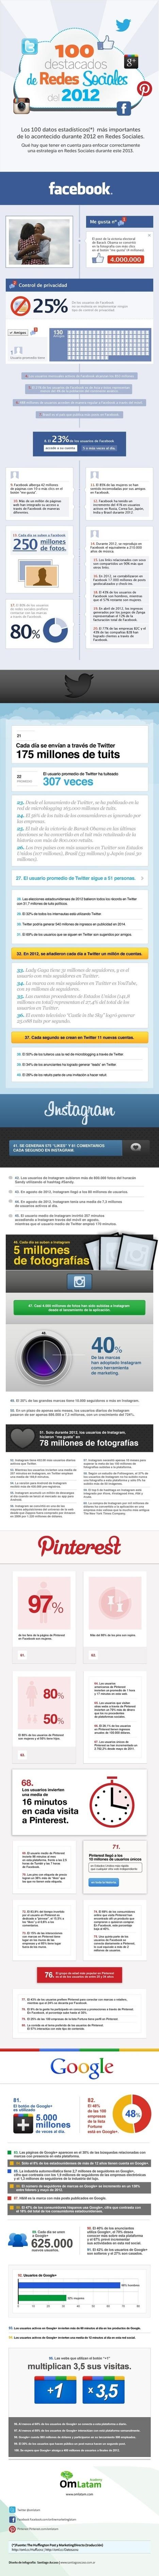 [Infografía] 100 datos clave para planificar la estrategia en redes sociales en 2013 | Edumorfosis.it | Scoop.it